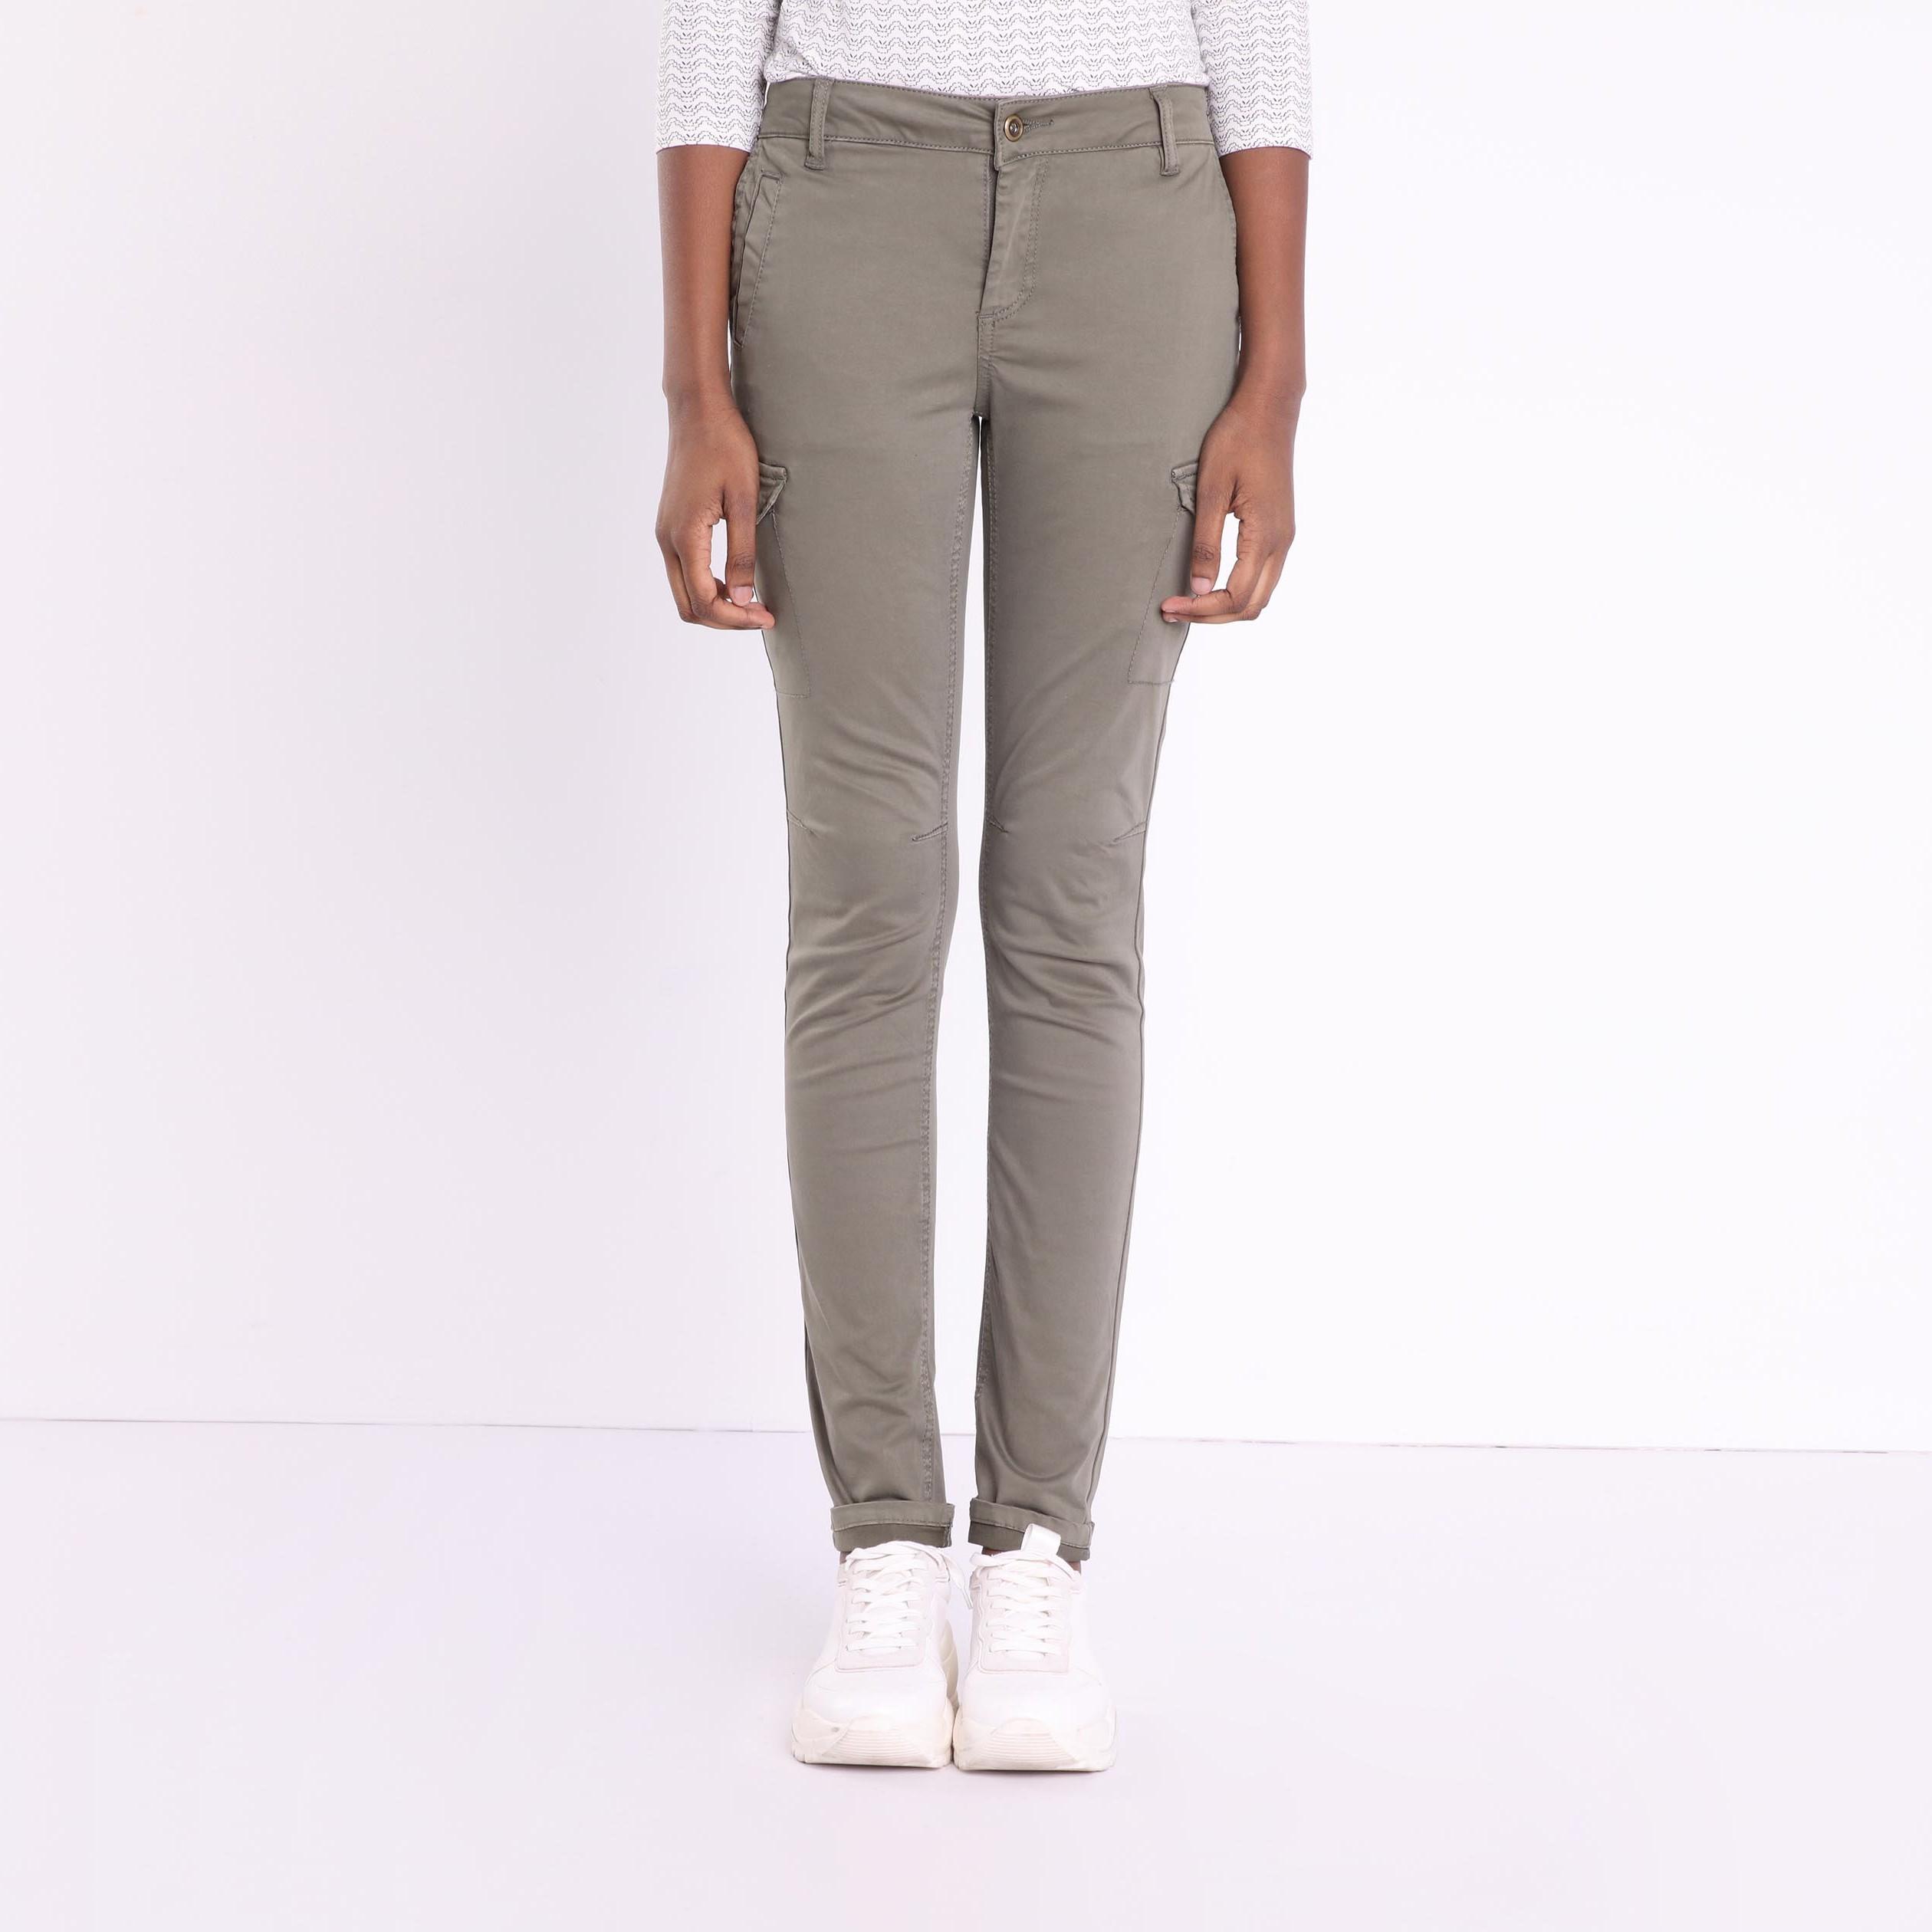 Femme Pantalon Poches Kaki Vert Skinny 7 29IeWHEYD